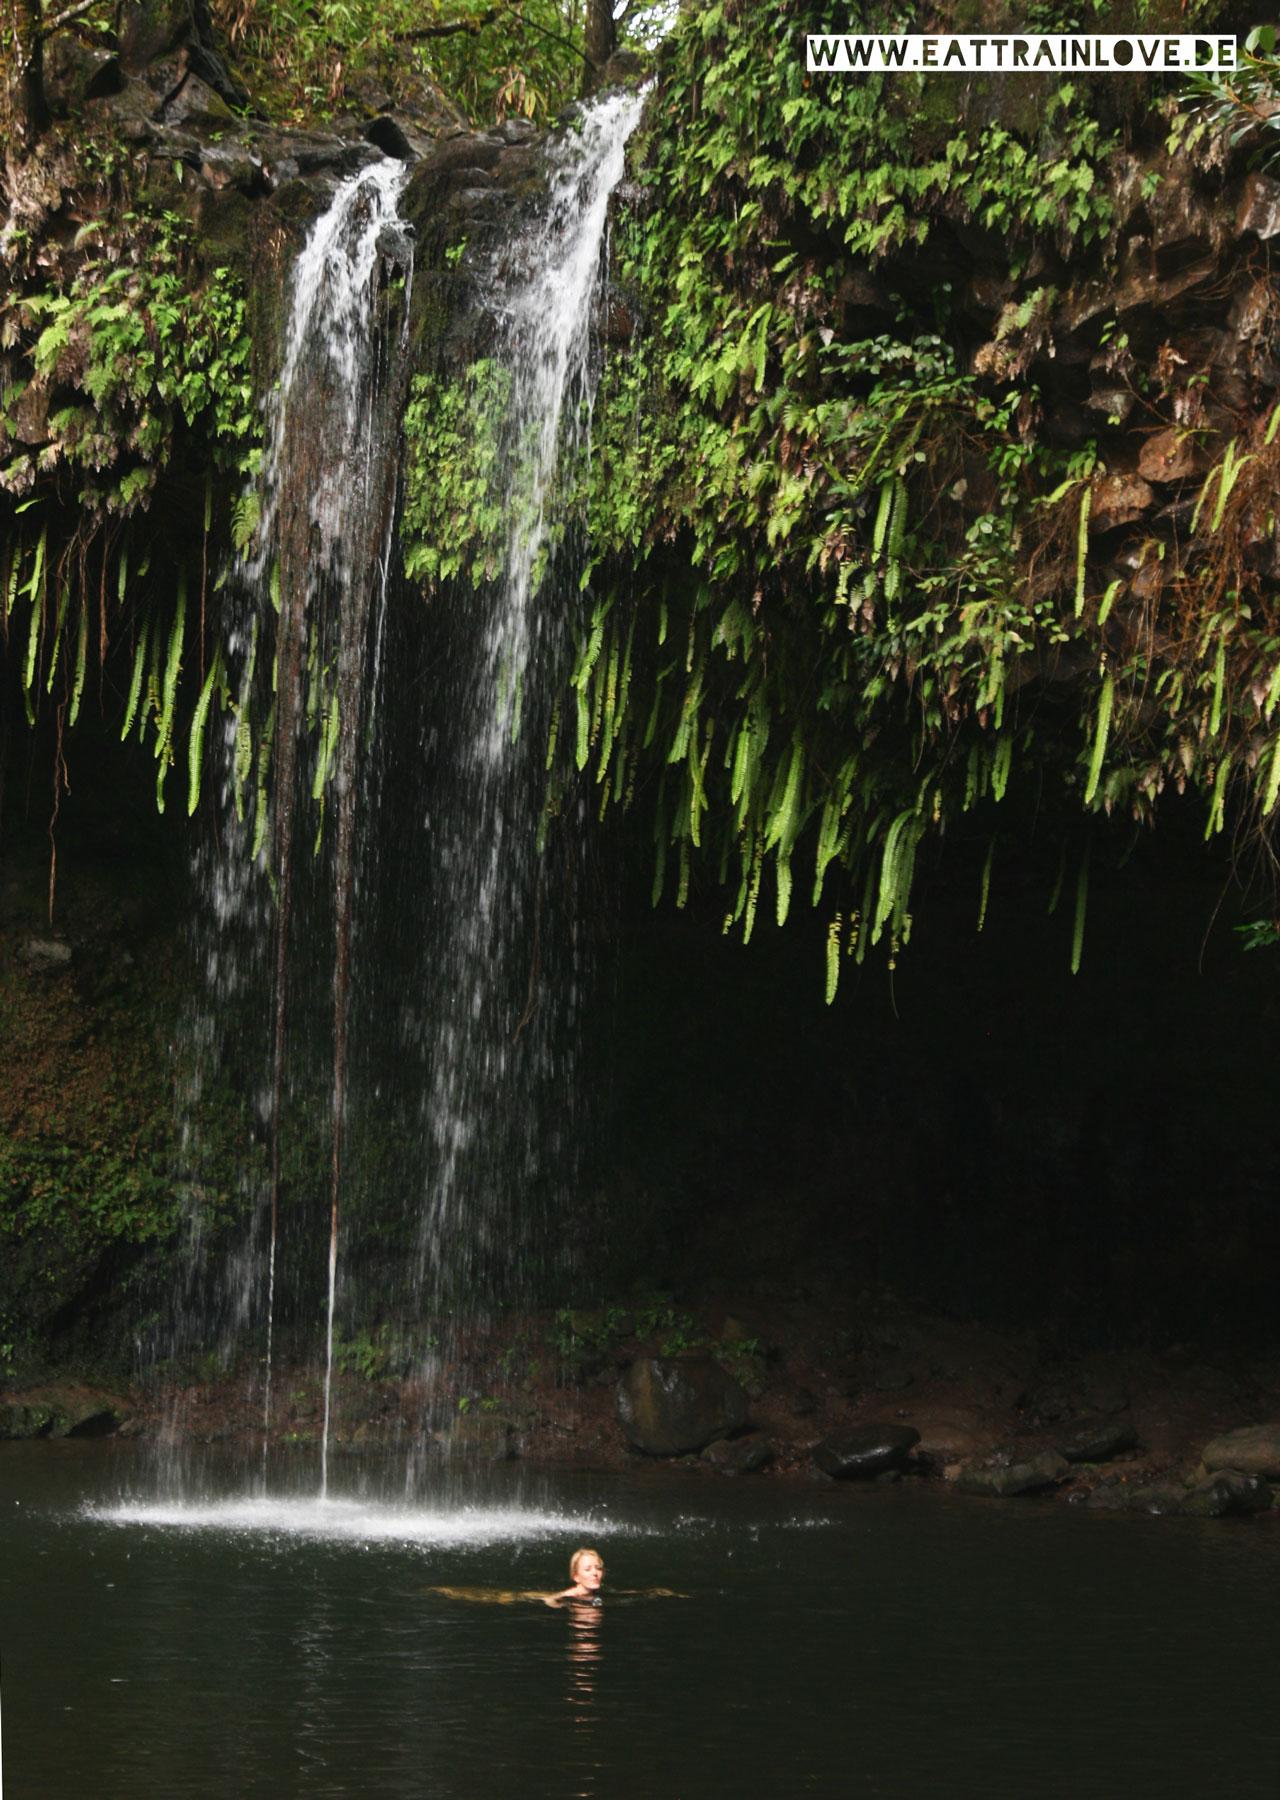 Maui-Wasserfall